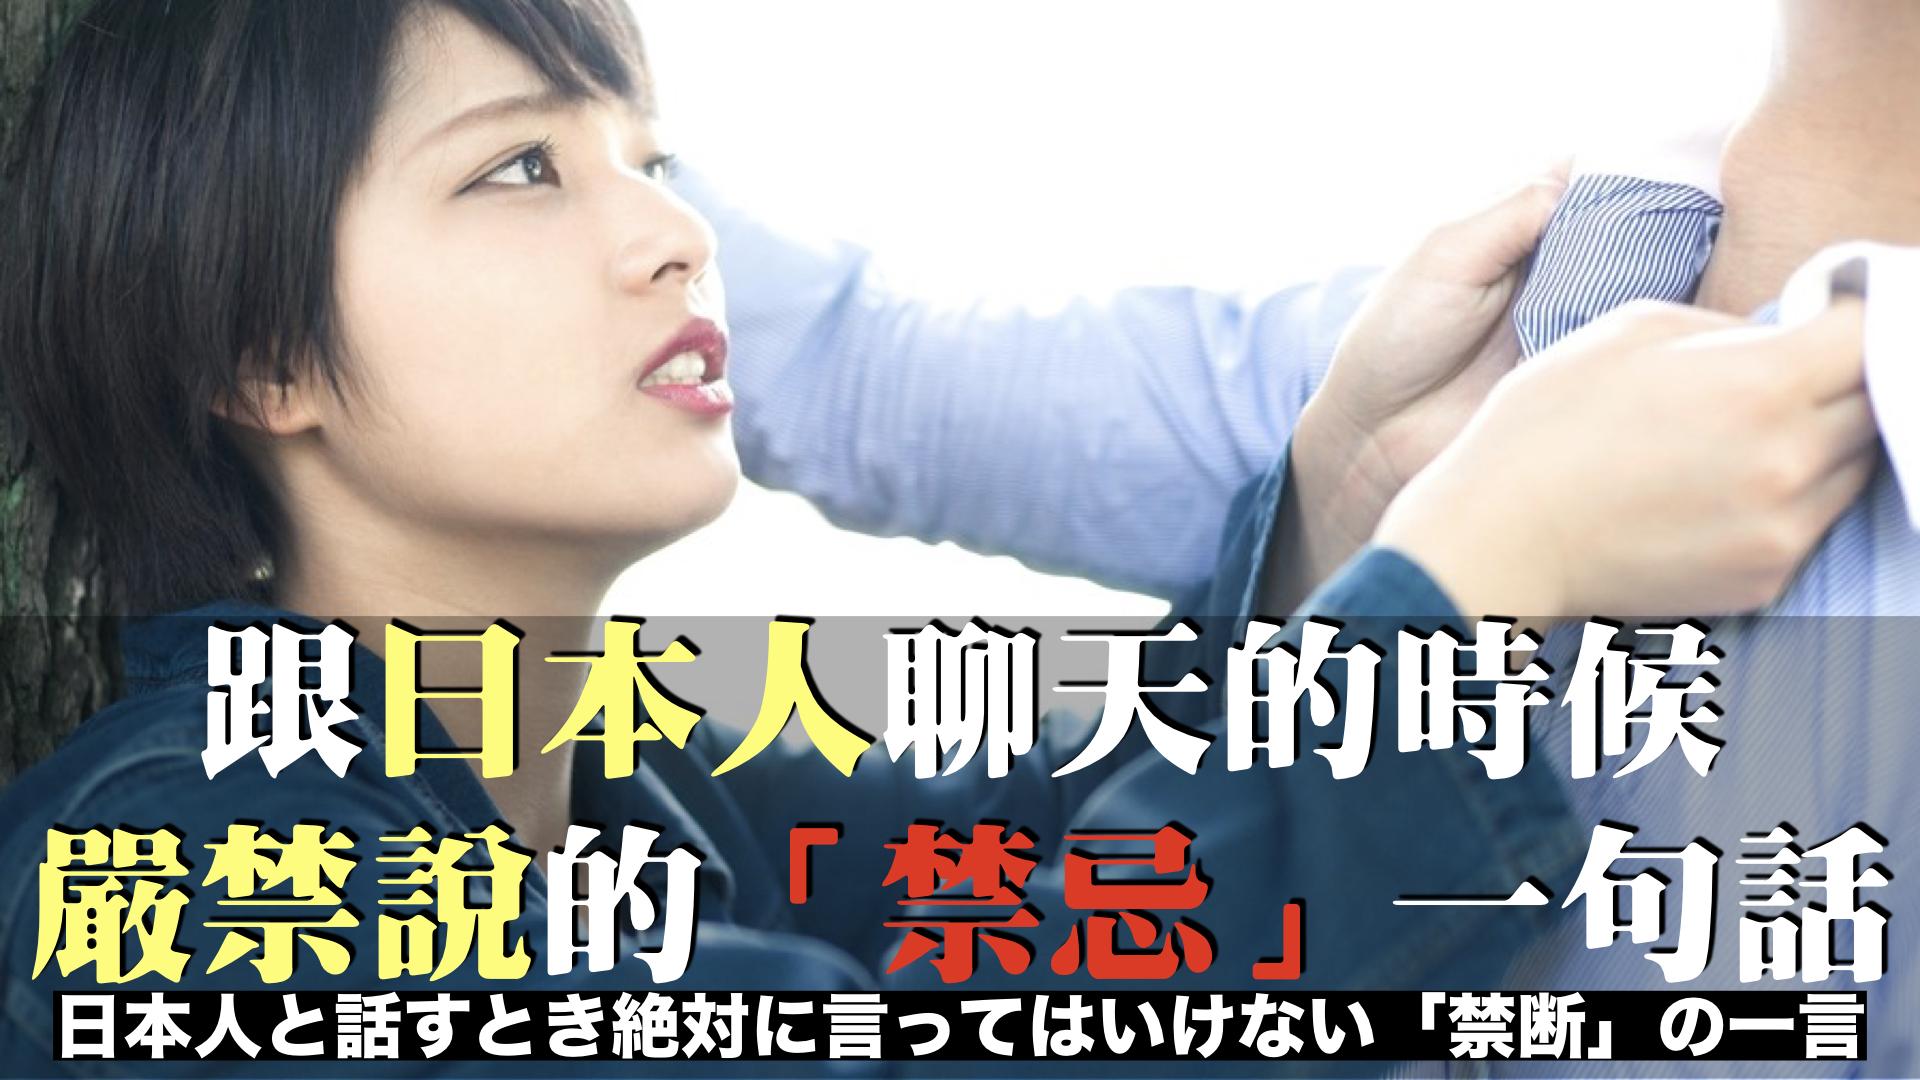 跟日本人聊天的時候,嚴禁說的「禁忌」一句話